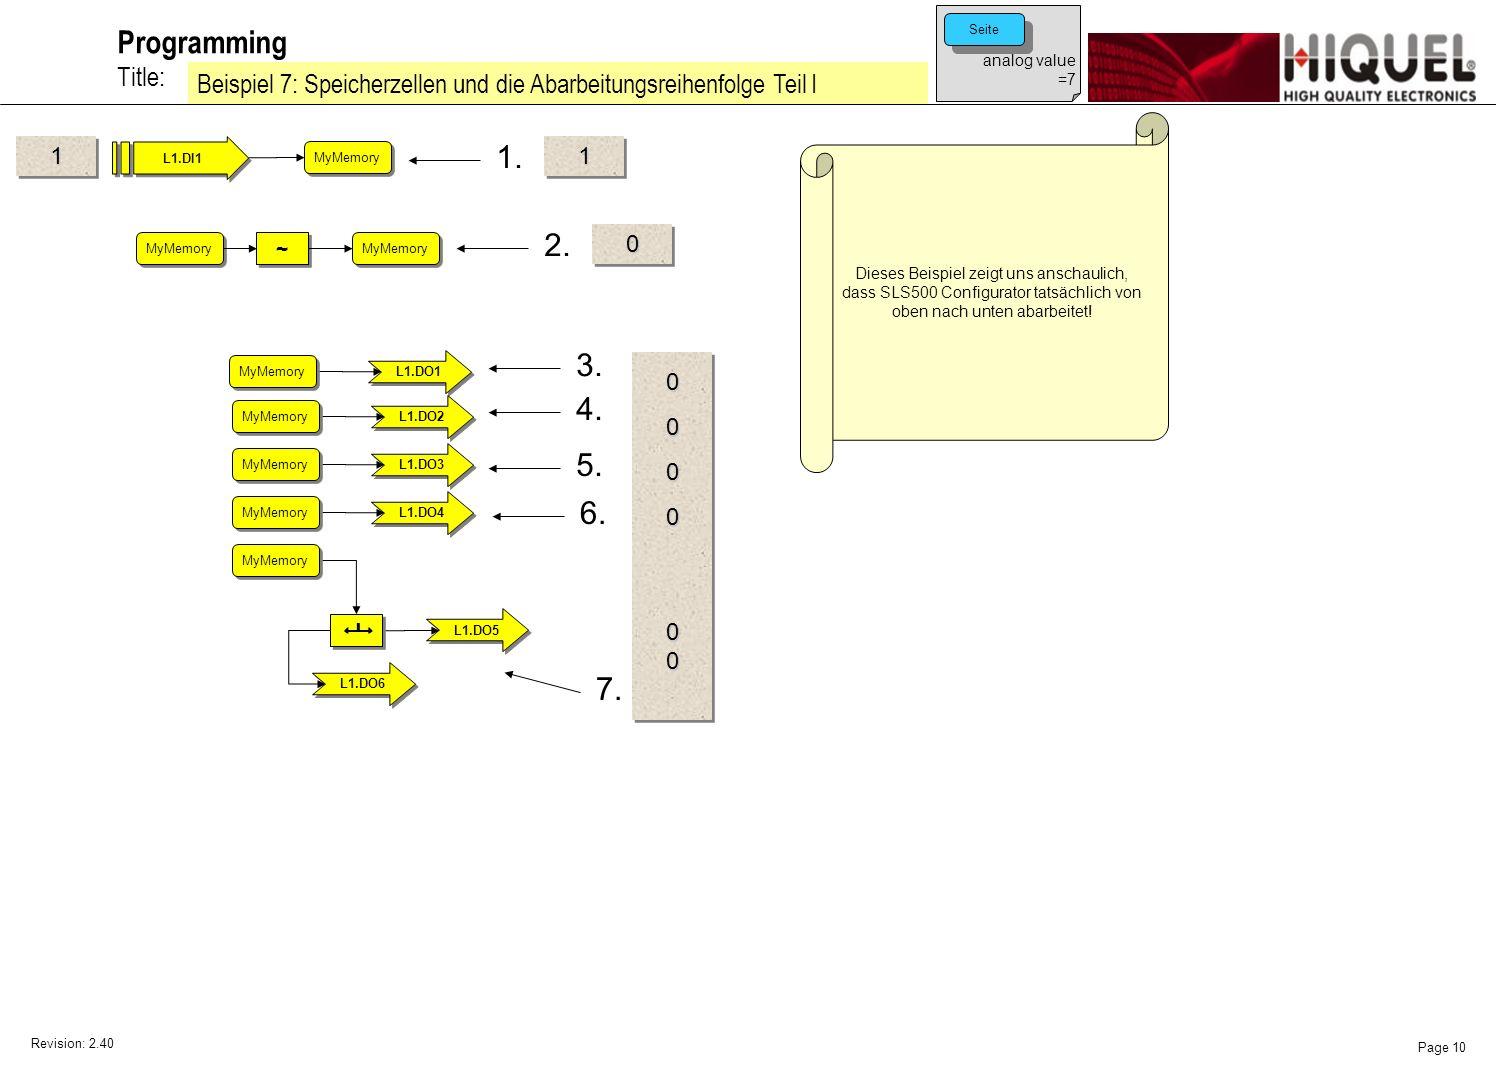 Revision: 2.40 Page 10 Title: Programming Beispiel 7: Speicherzellen und die Abarbeitungsreihenfolge Teil I analog value =7 Seite Dieses Beispiel zeigt uns anschaulich, dass SLS500 Configurator tatsächlich von oben nach unten abarbeitet.